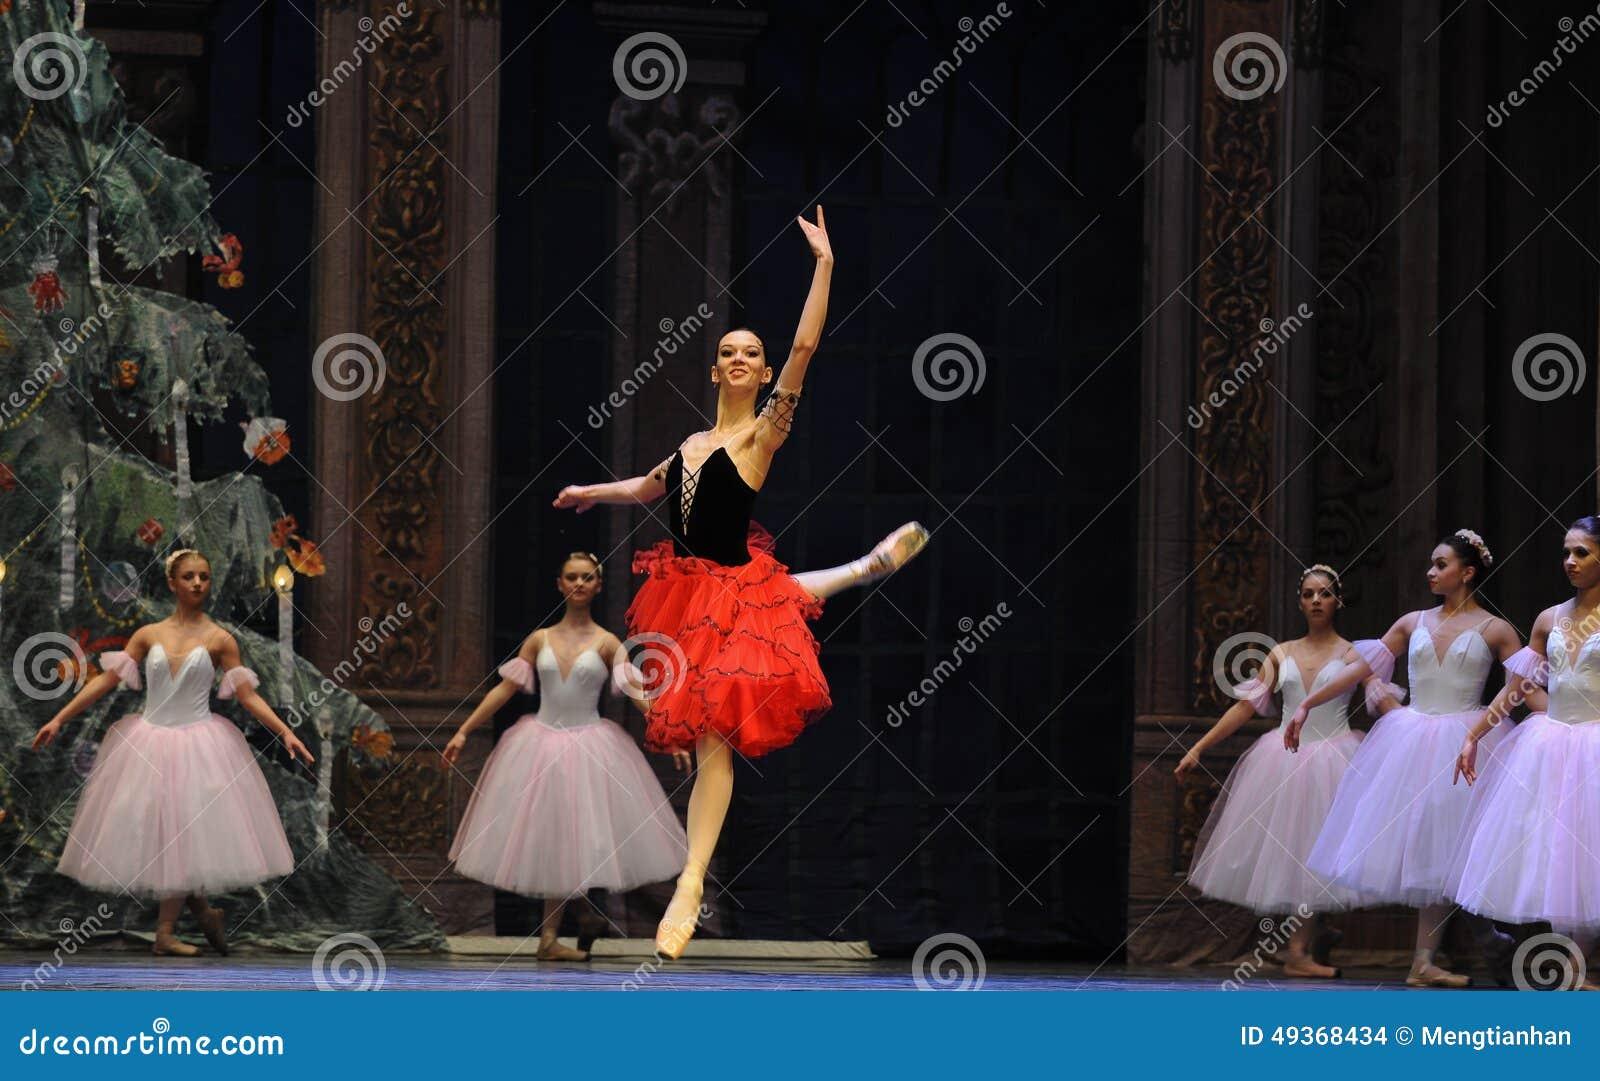 Hiszpańska stylowa dziewczyna drugi aktu cukierku po drugie śródpolny królestwo - Baletniczy dziadek do orzechów